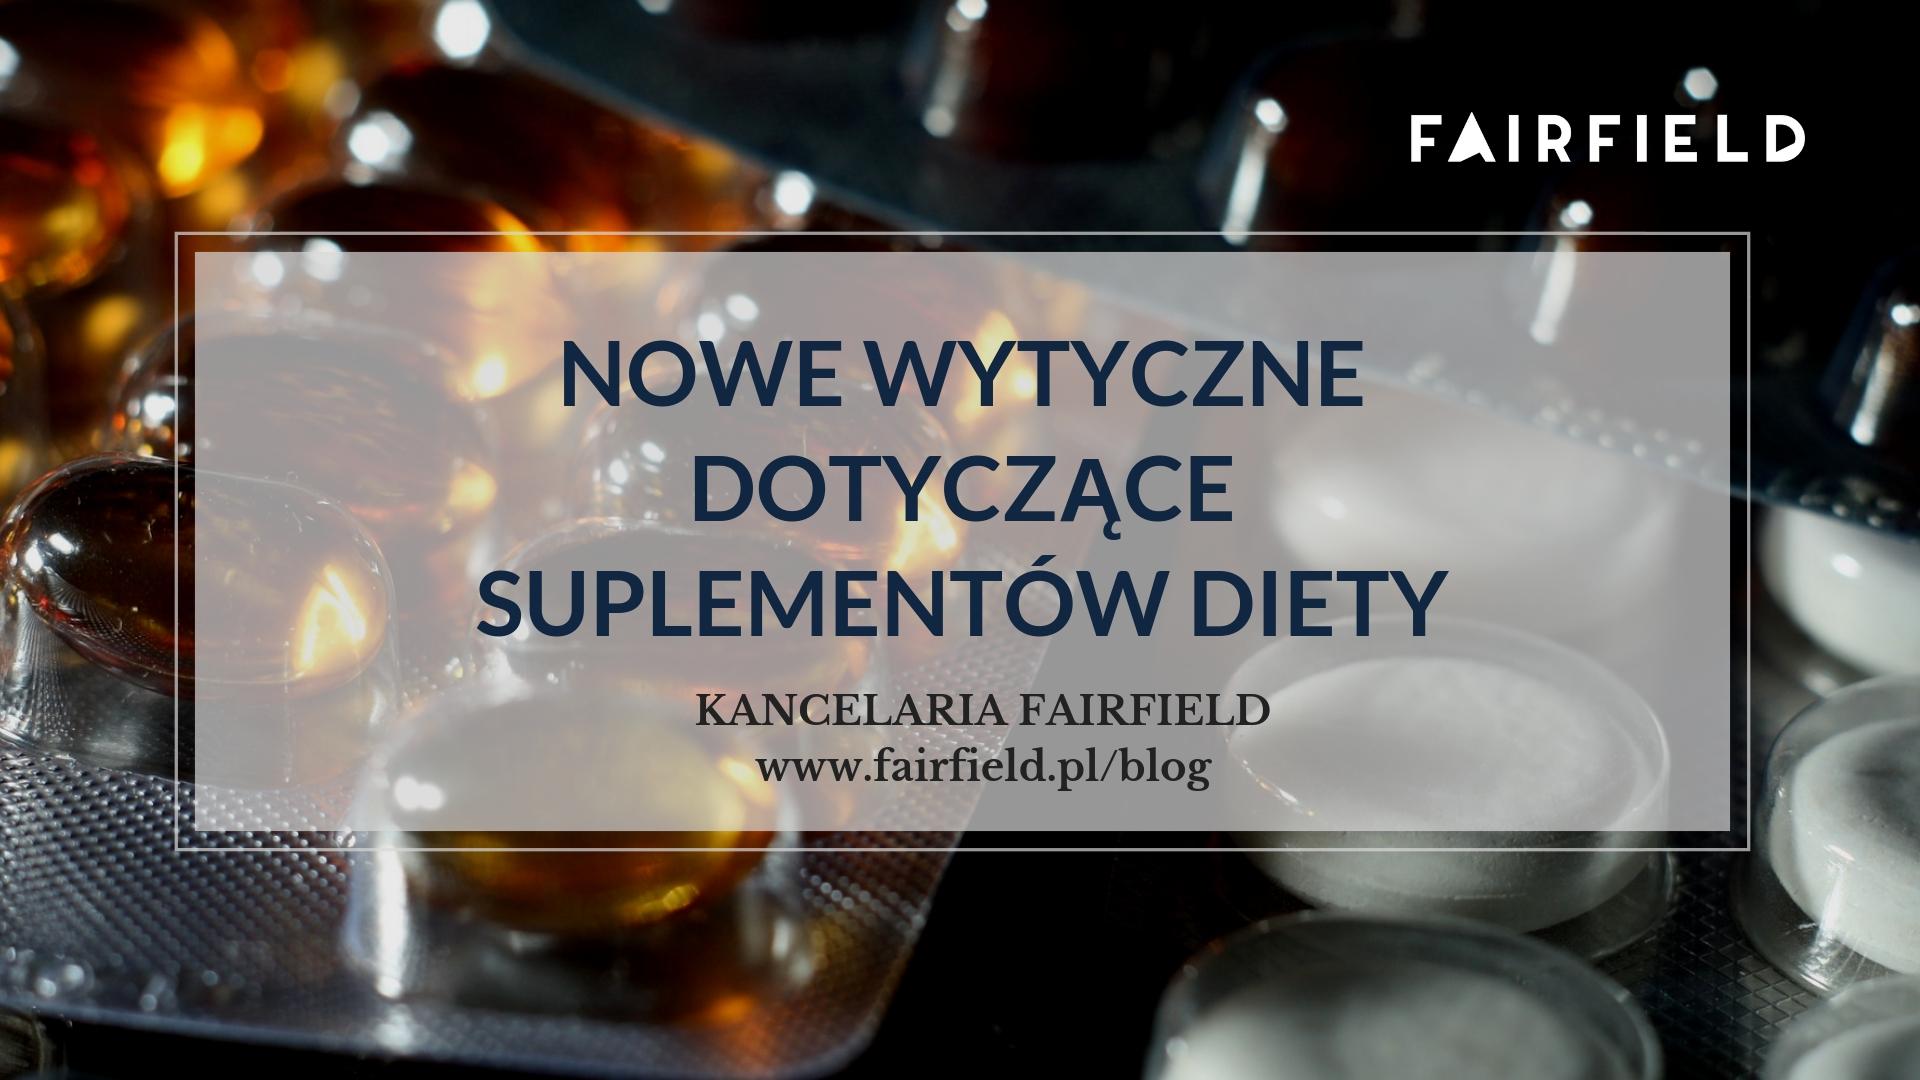 Nowe wytyczne dotyczące suplementów diety